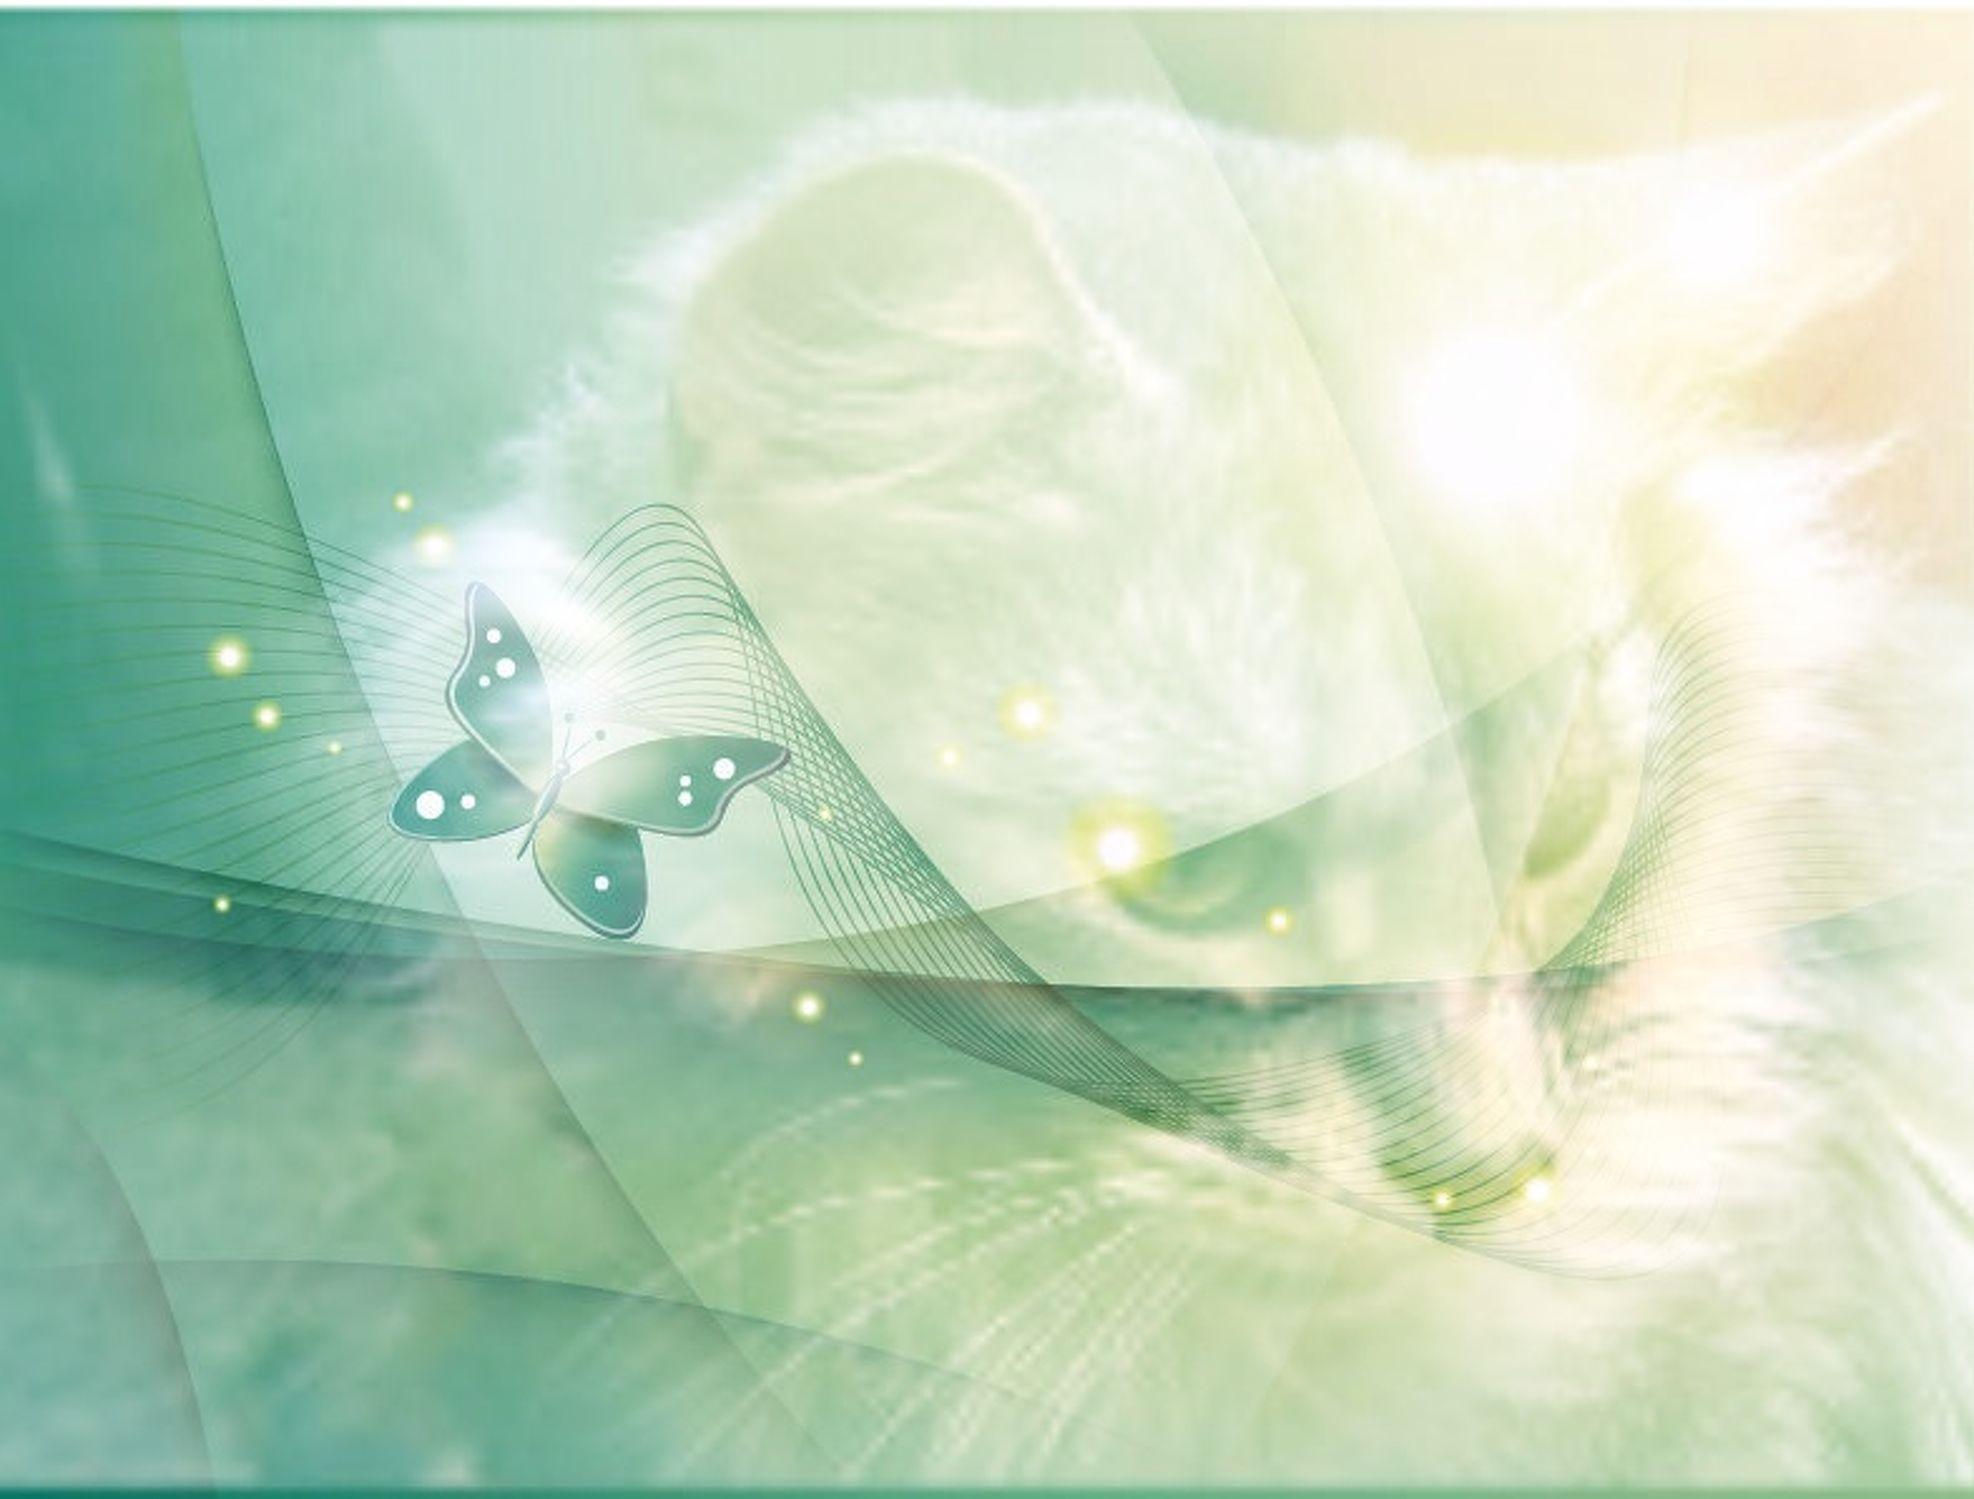 Bild mit Katzenartige, Katzen, Katze, Katzenbilder, Bildercollagen, Stillleben & Collagen, Collagen, Collage, Tier Collagen, Digitale Tiere